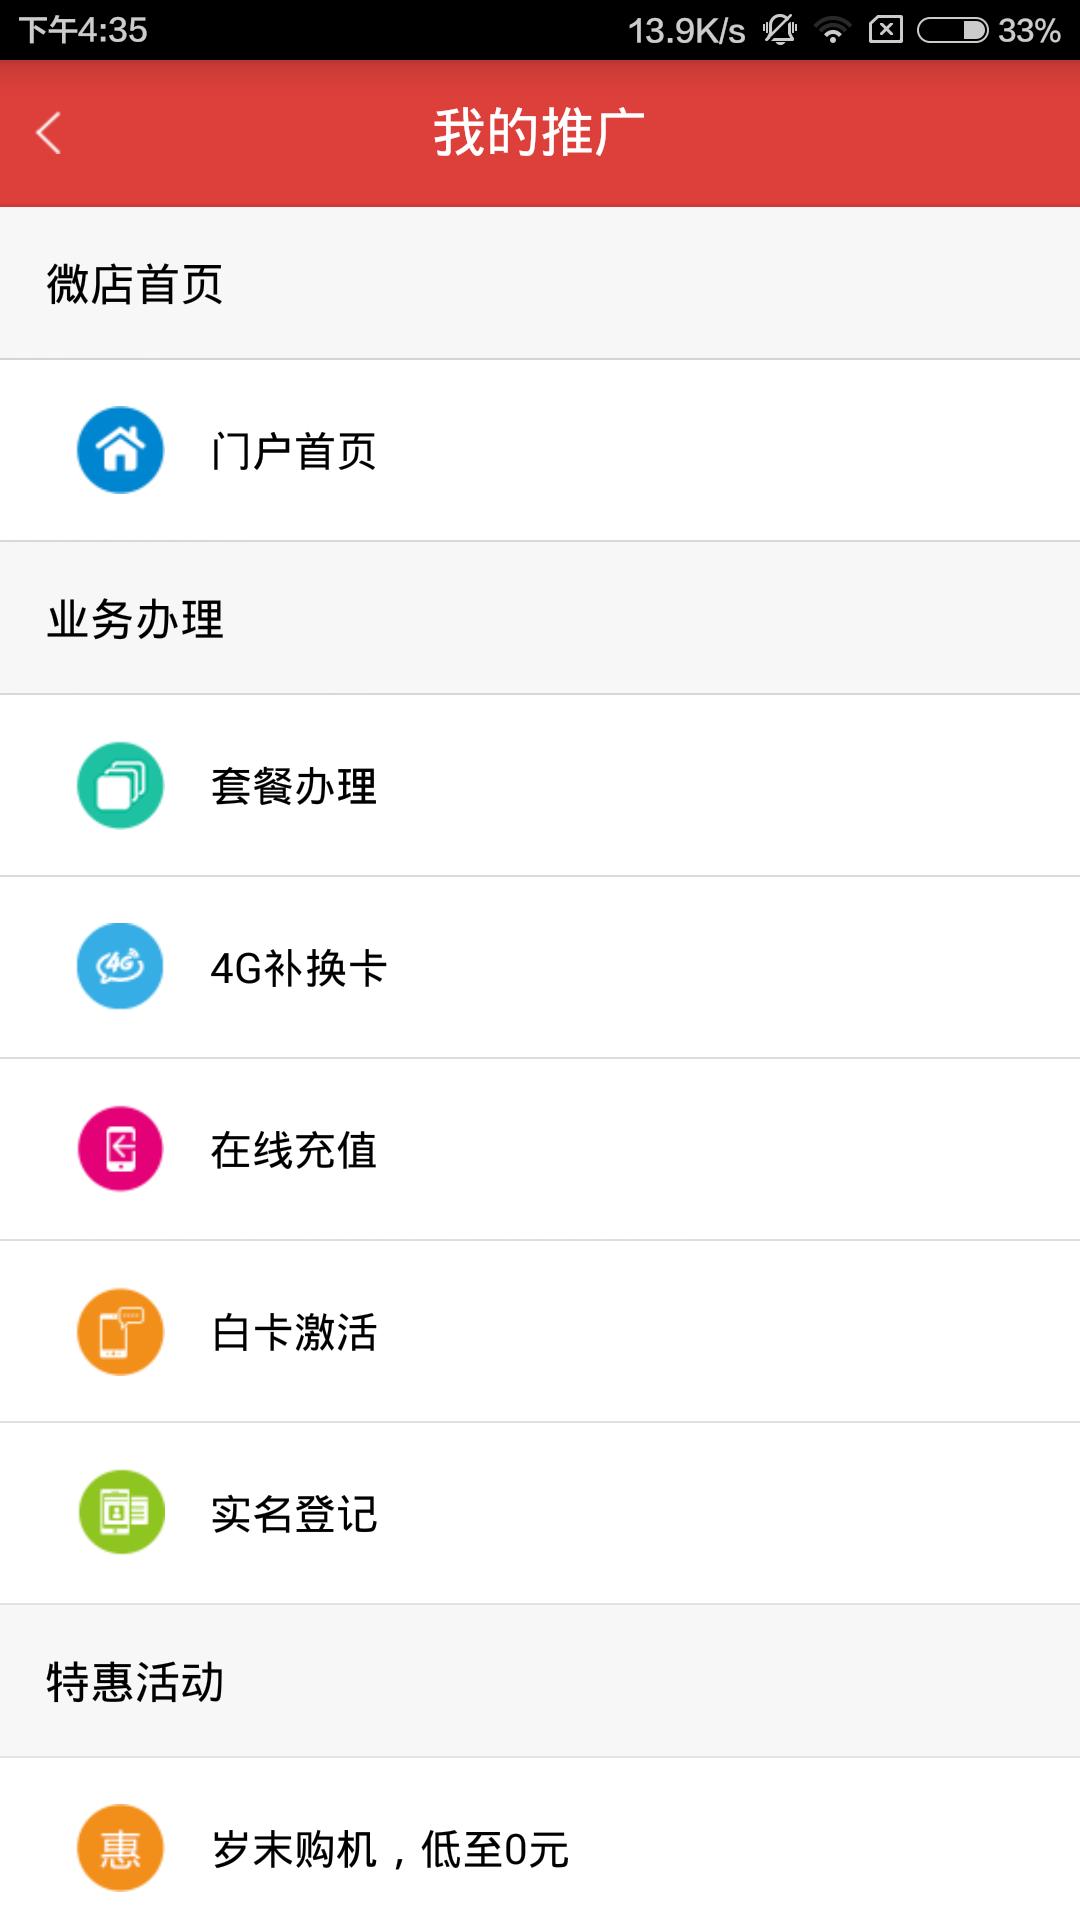 应用 网购支付 广州移动微店  上一张下一张